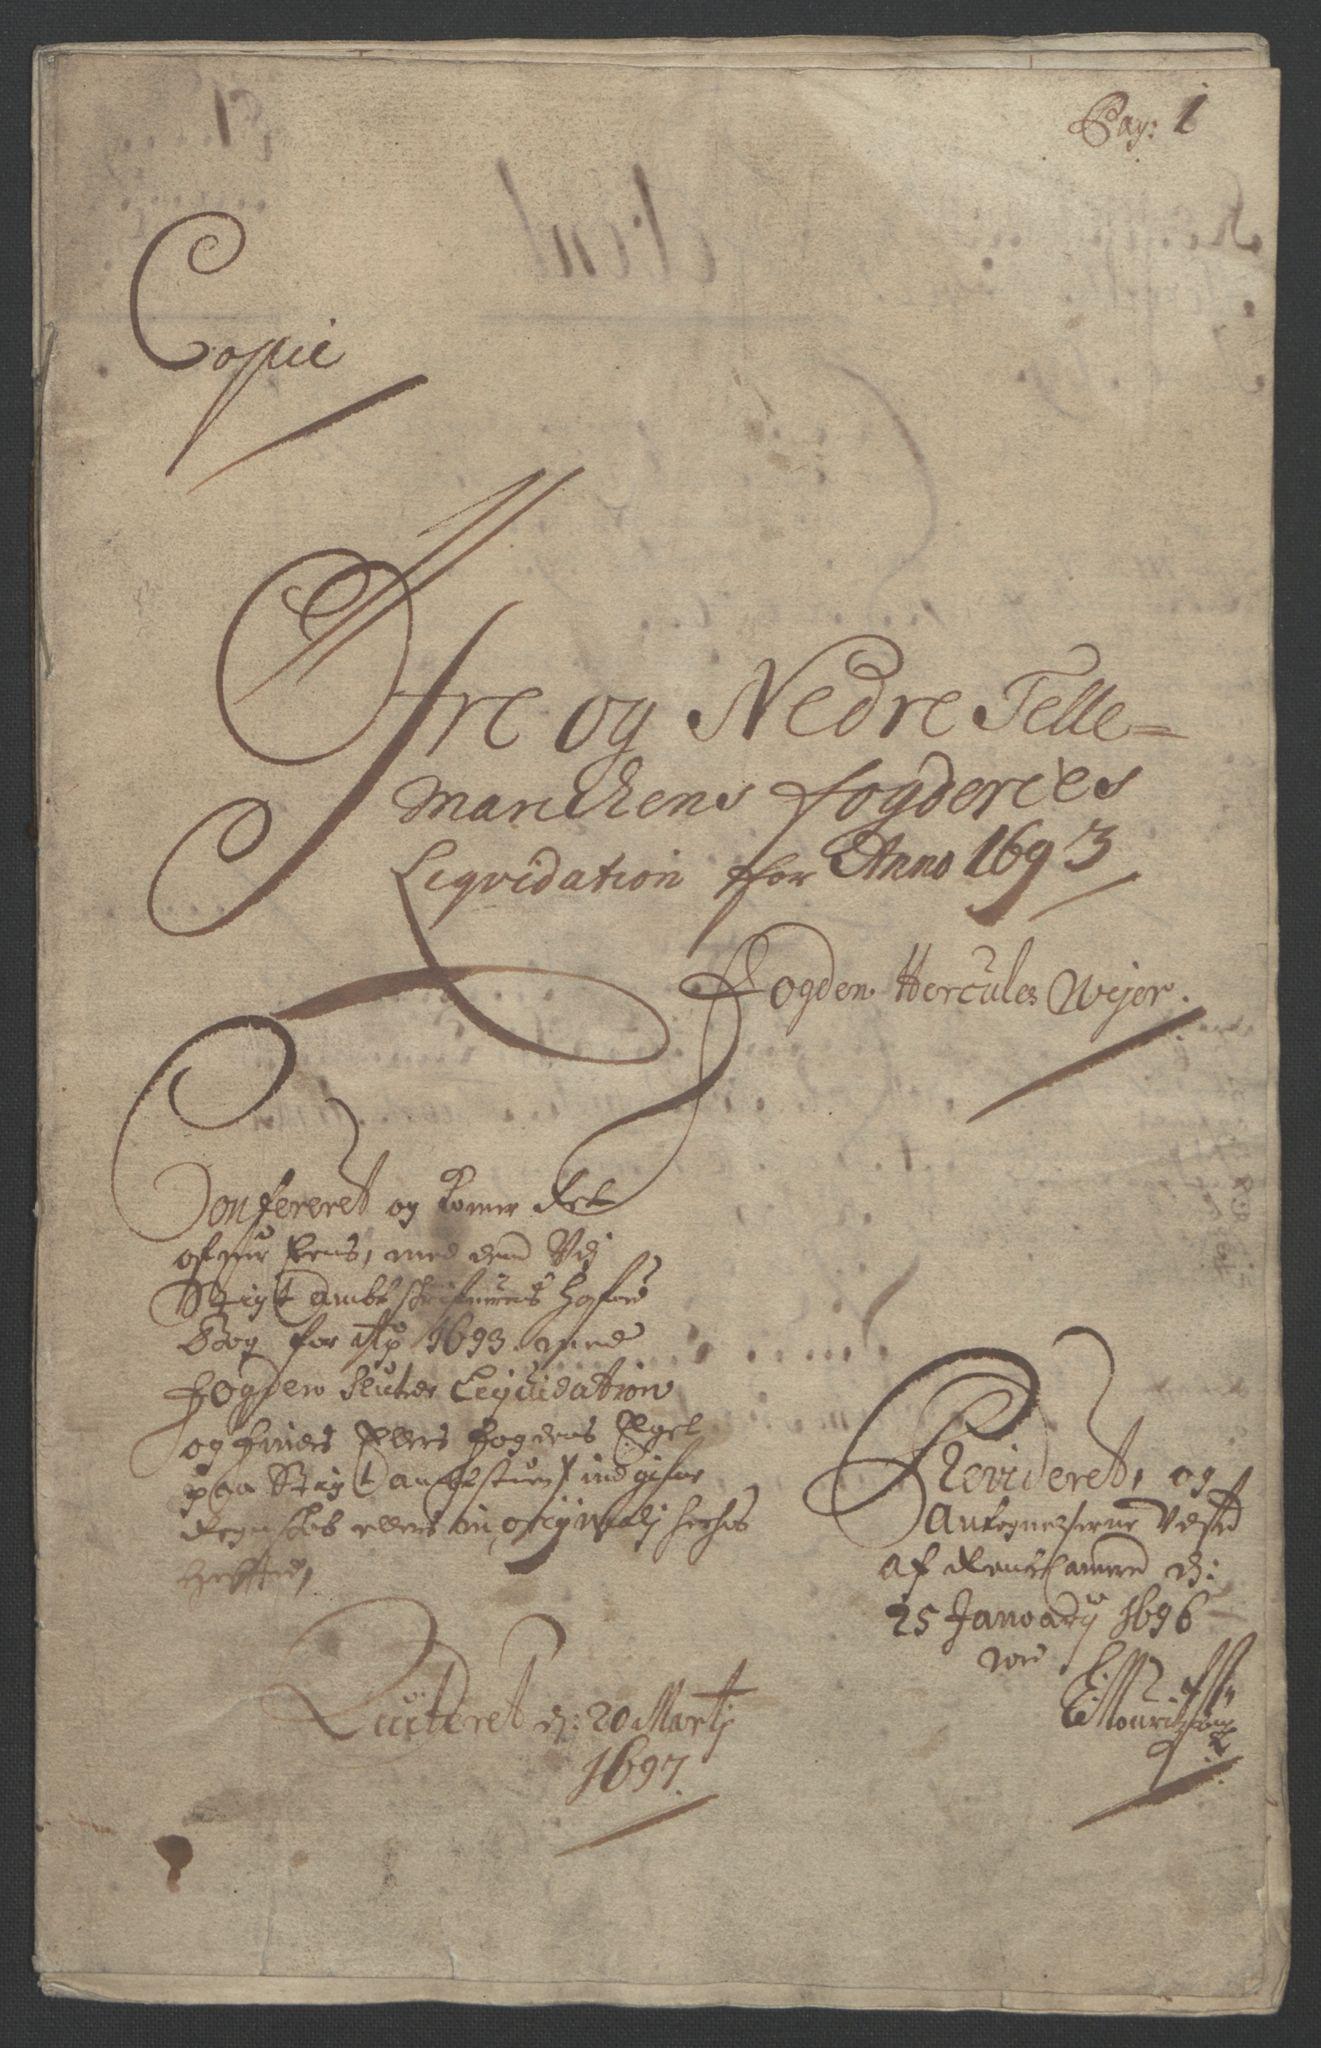 RA, Rentekammeret inntil 1814, Reviderte regnskaper, Fogderegnskap, R35/L2091: Fogderegnskap Øvre og Nedre Telemark, 1690-1693, s. 240